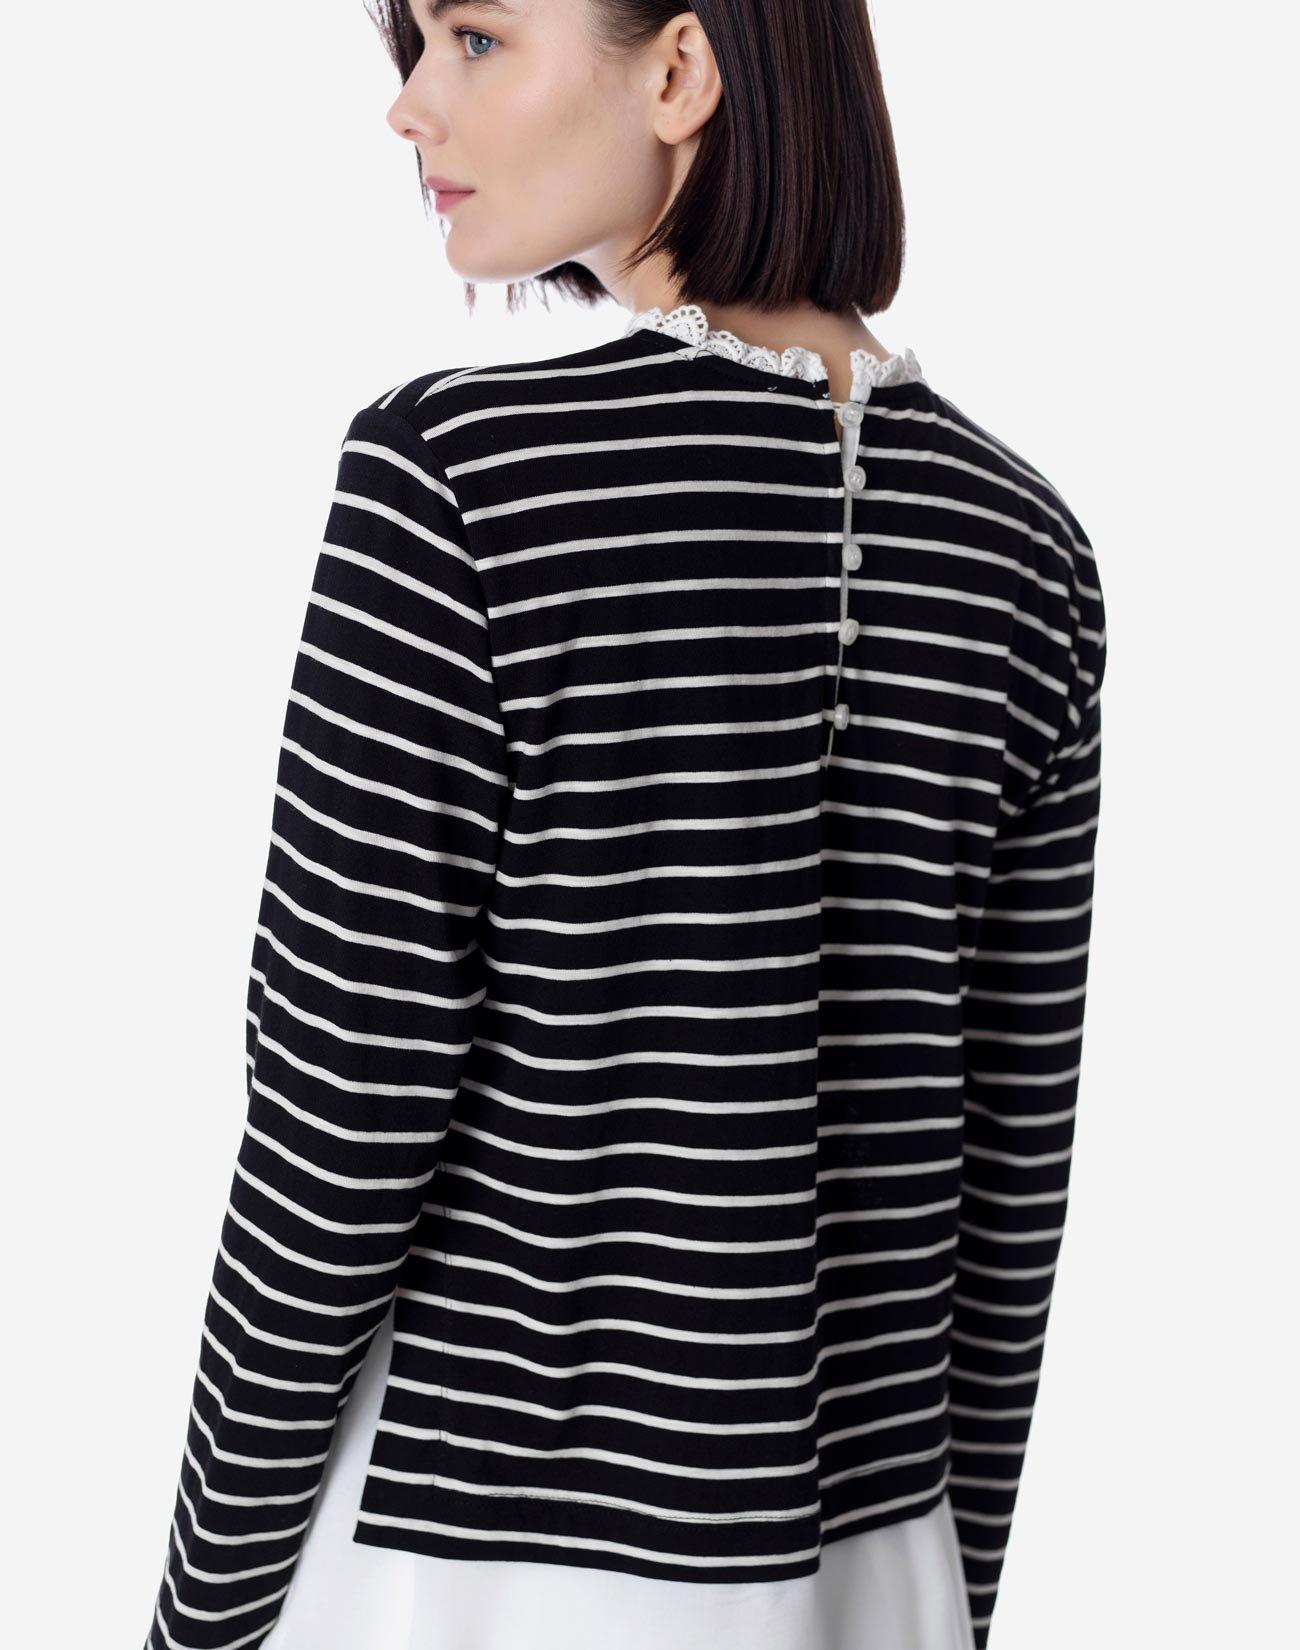 Ριγέ μπλούζα με λεπτομέρεια δαντέλα